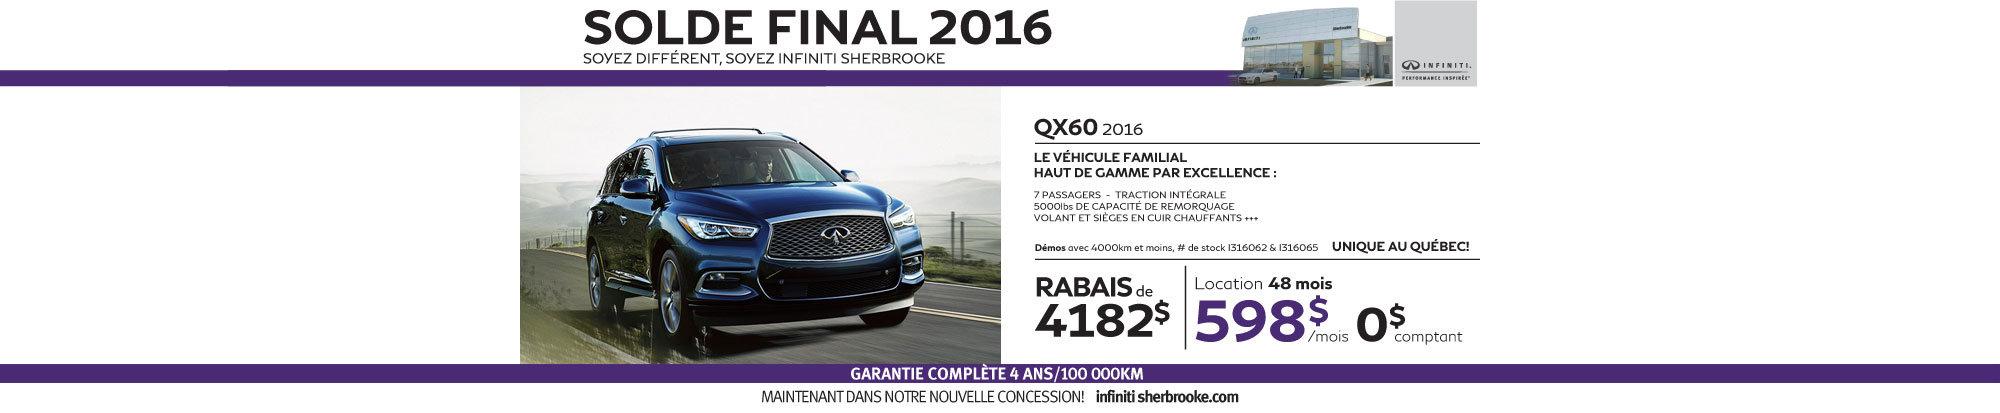 QX60 2016 - Aout